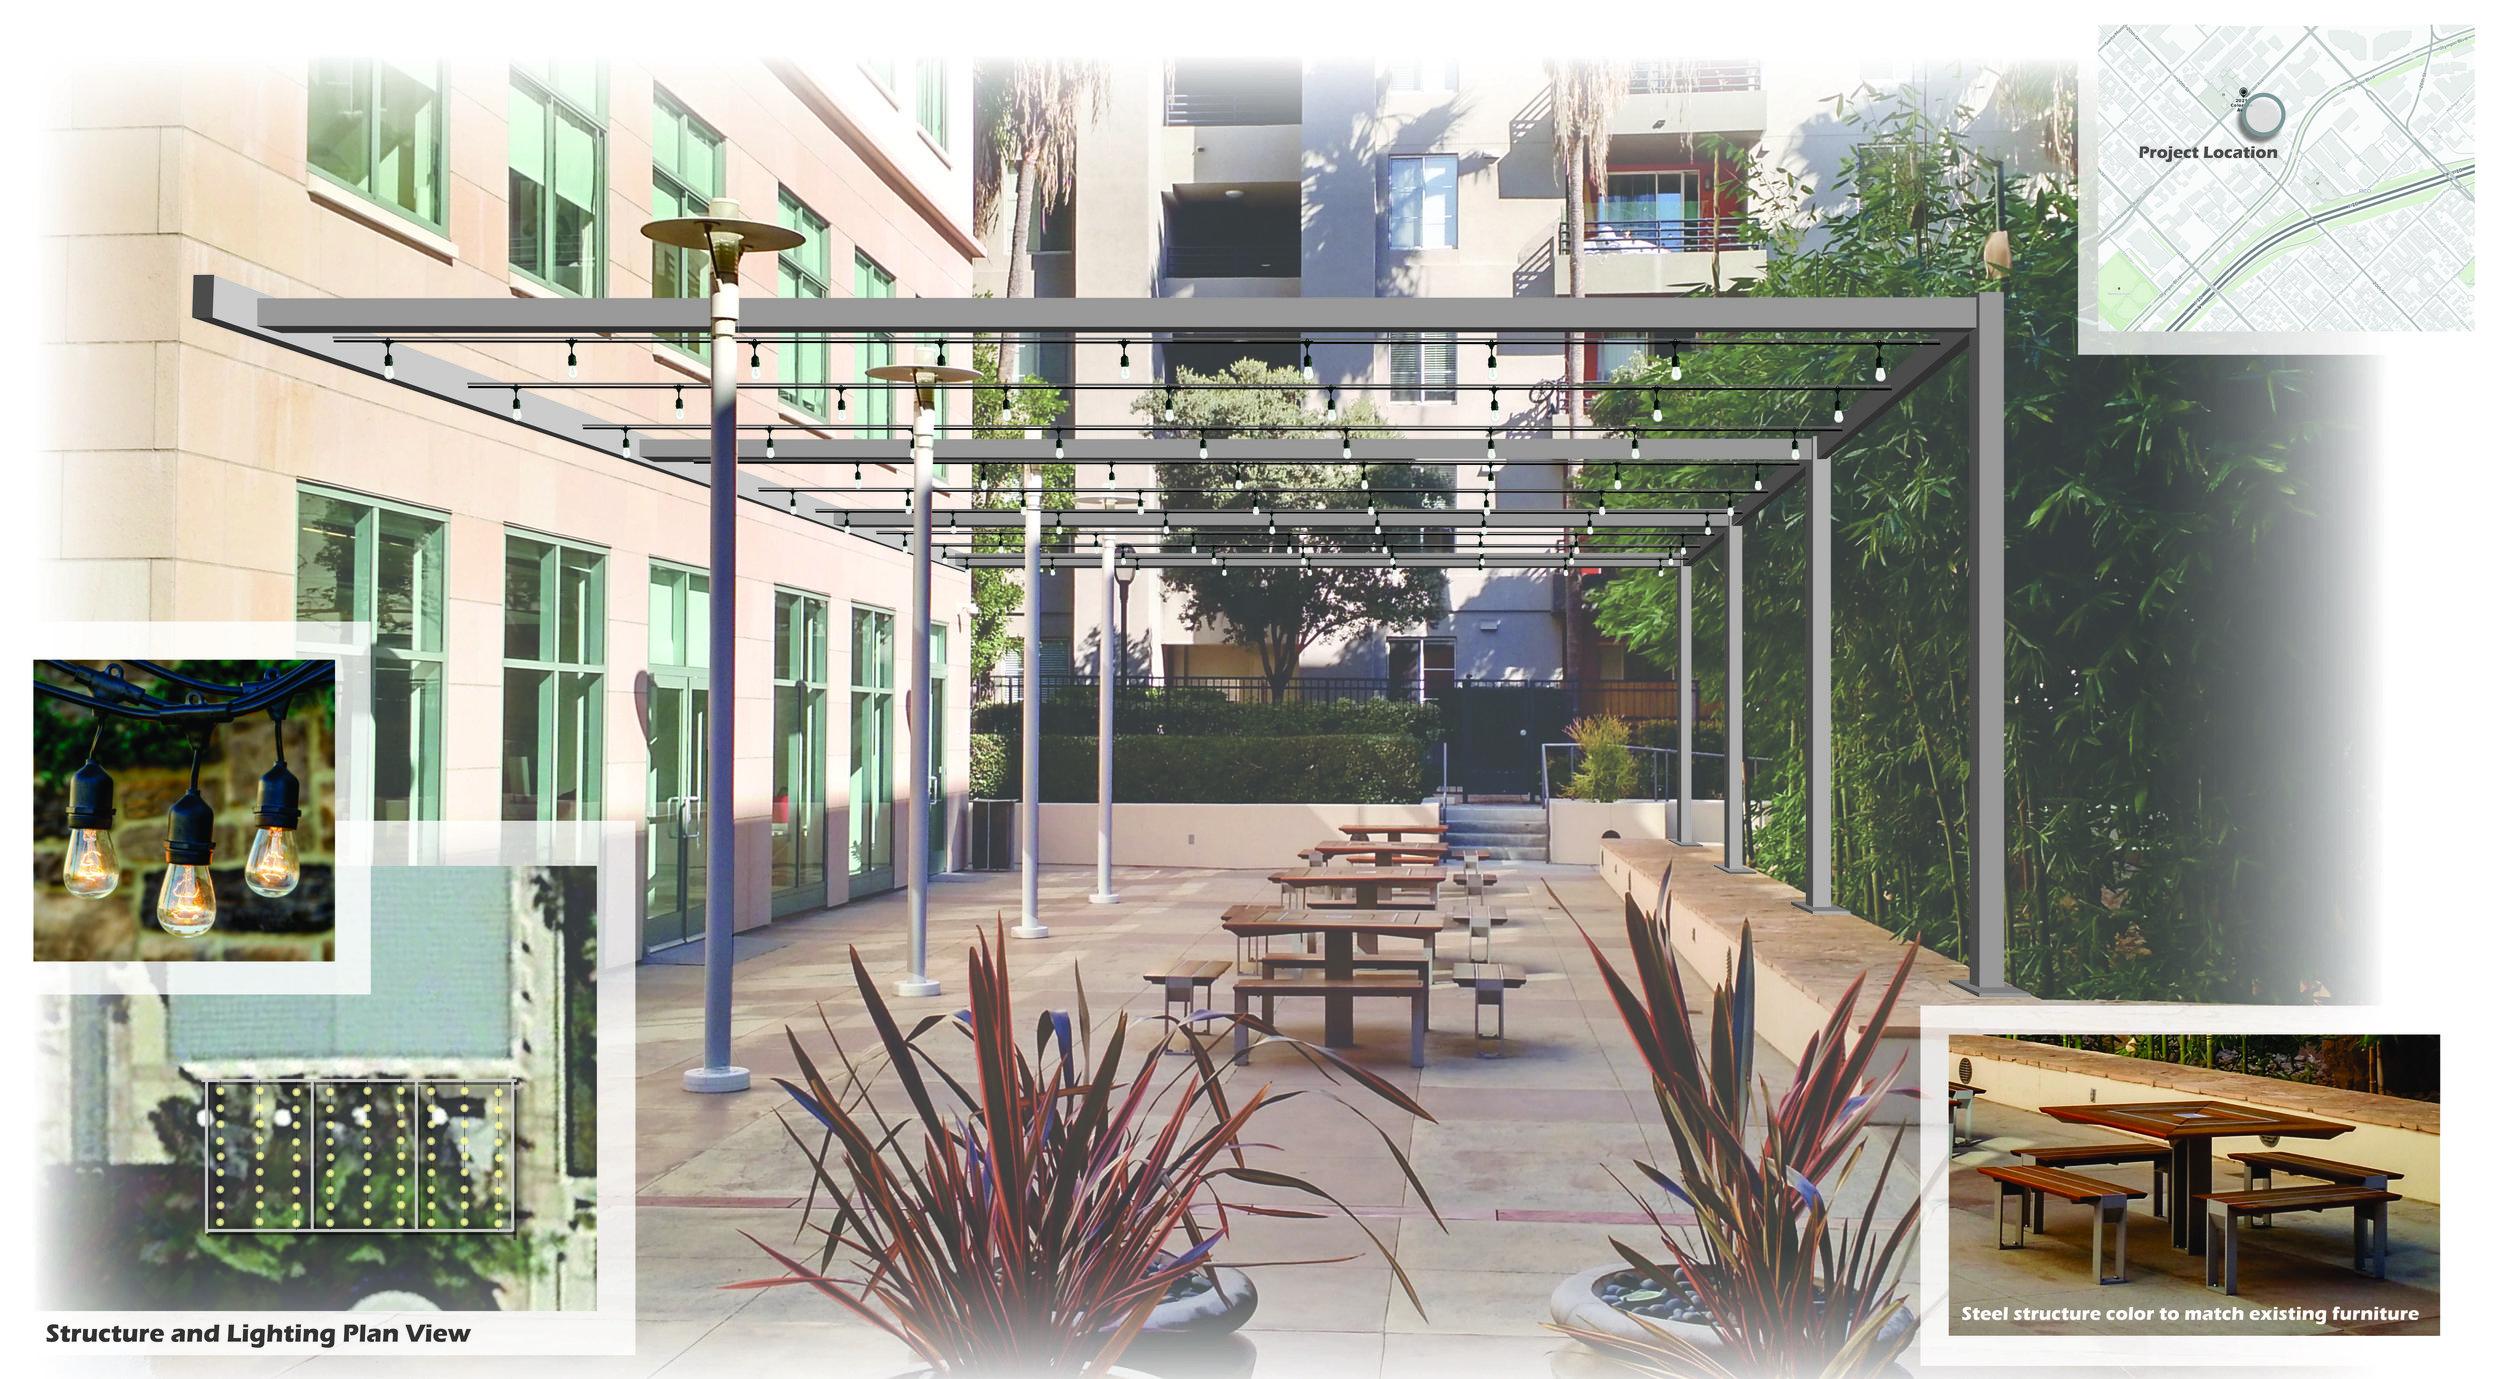 2021 Colorado outdoor patio lighting concept-cropped.jpg